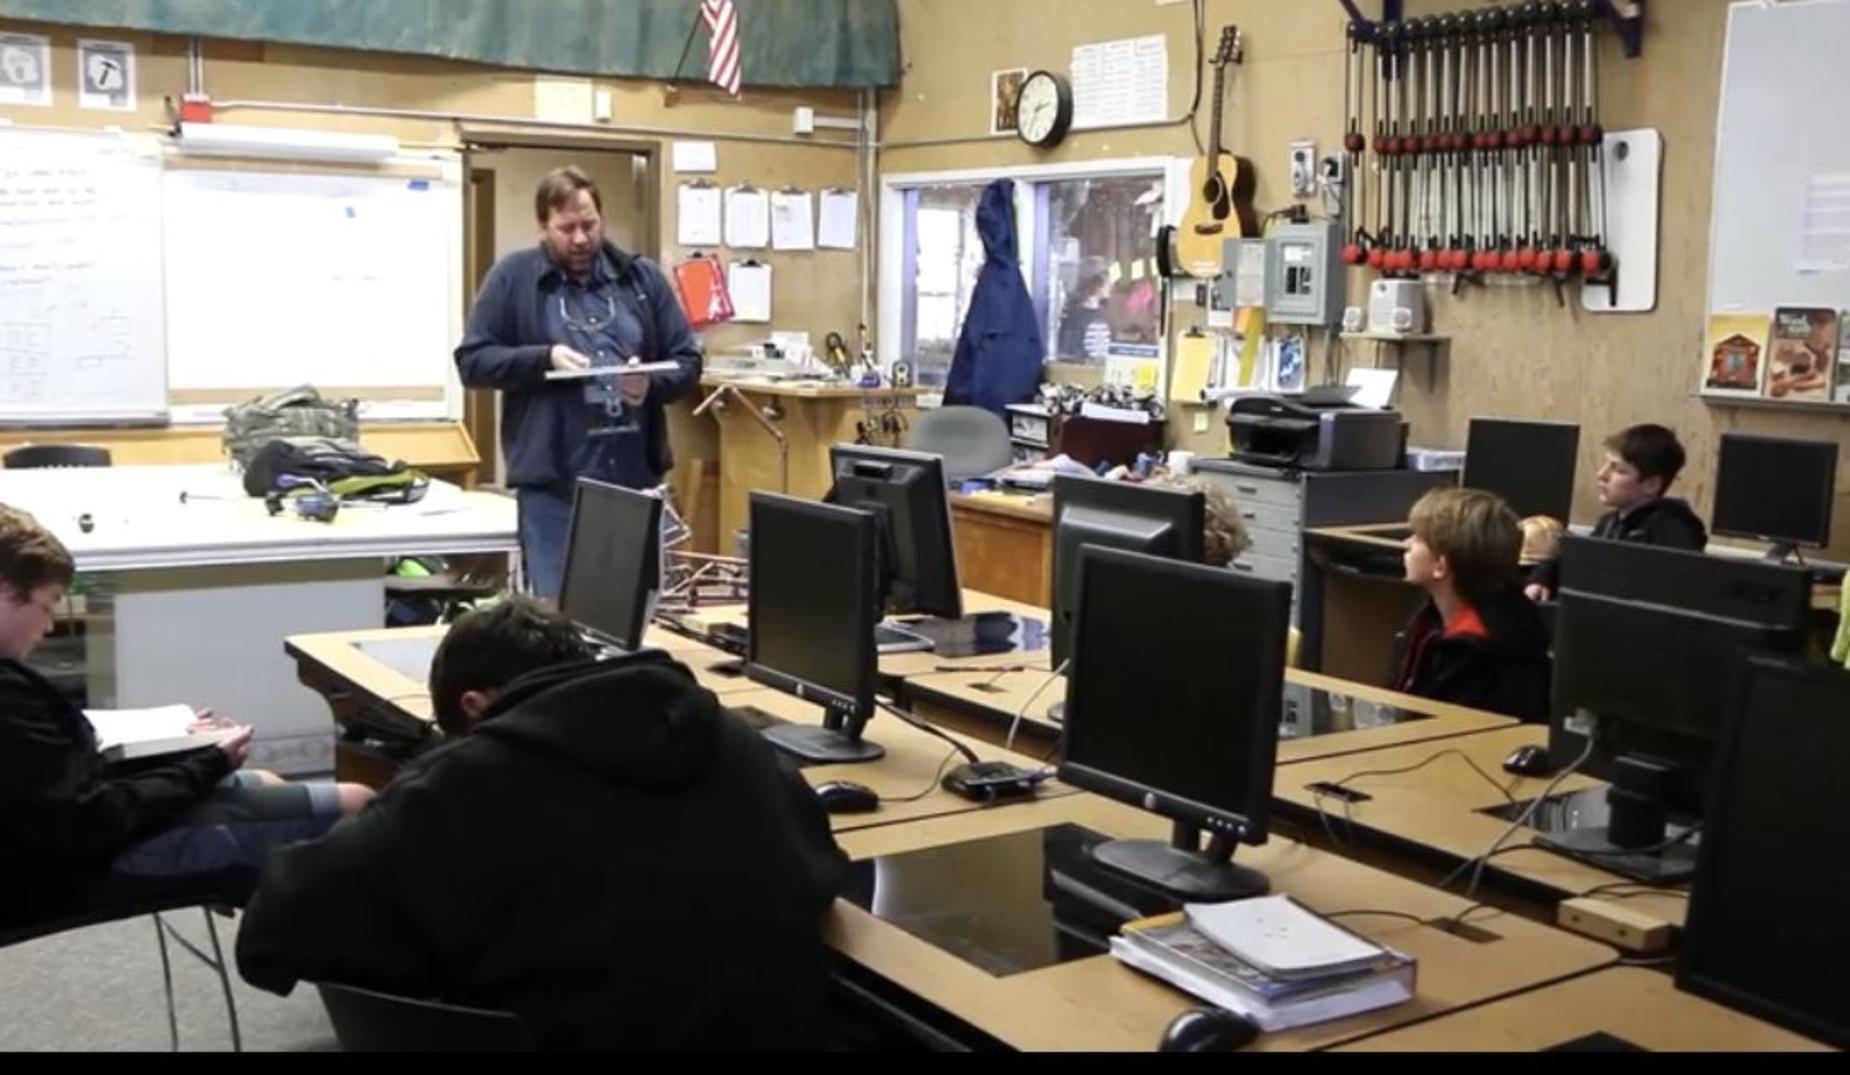 Woodshop classroom